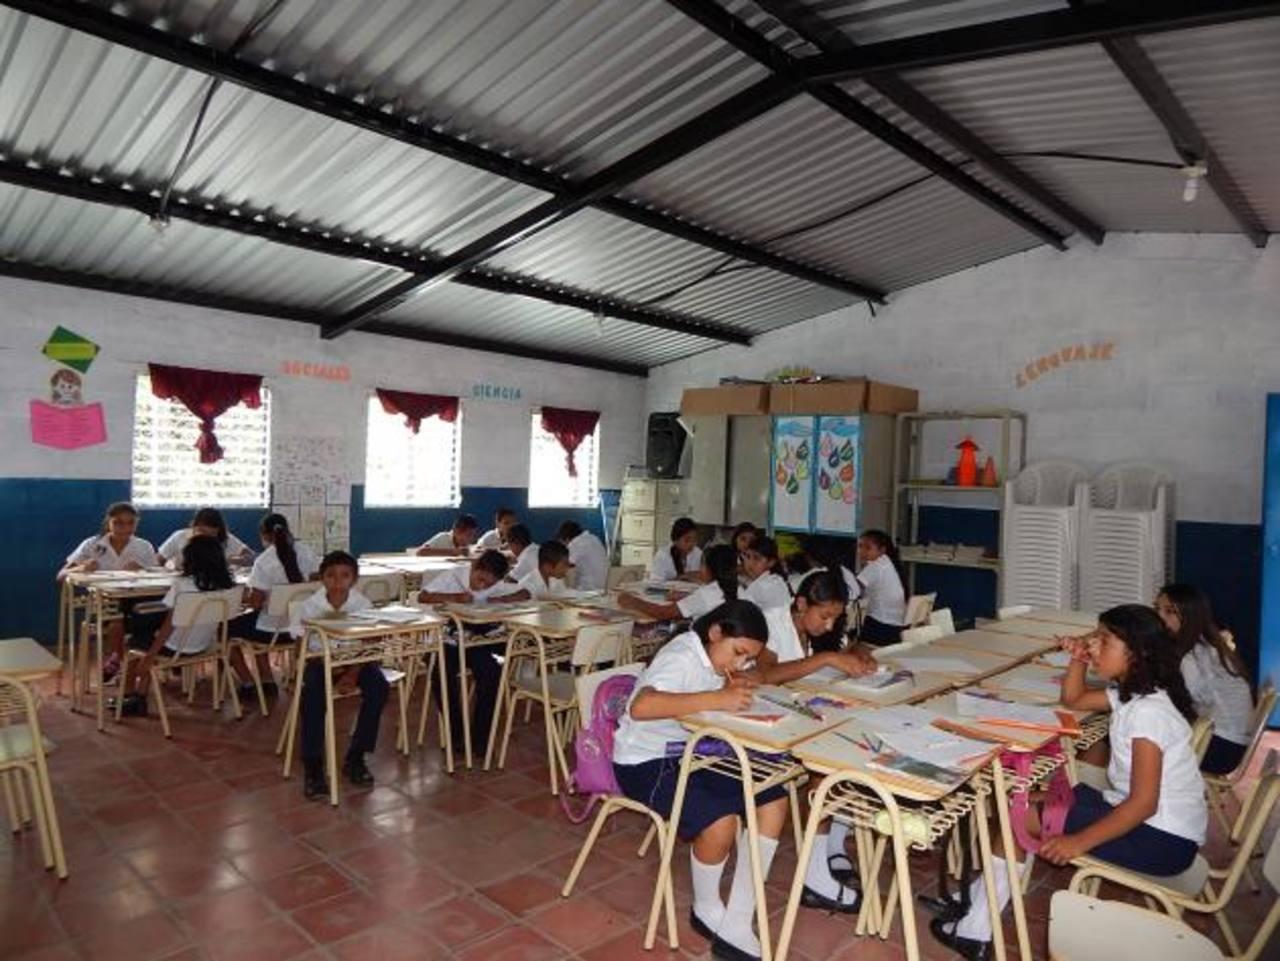 La construcción permitirá que se beneficien más de 80 alumnos de dos centros escolares de Sensuntepeque. Foto Cortesía